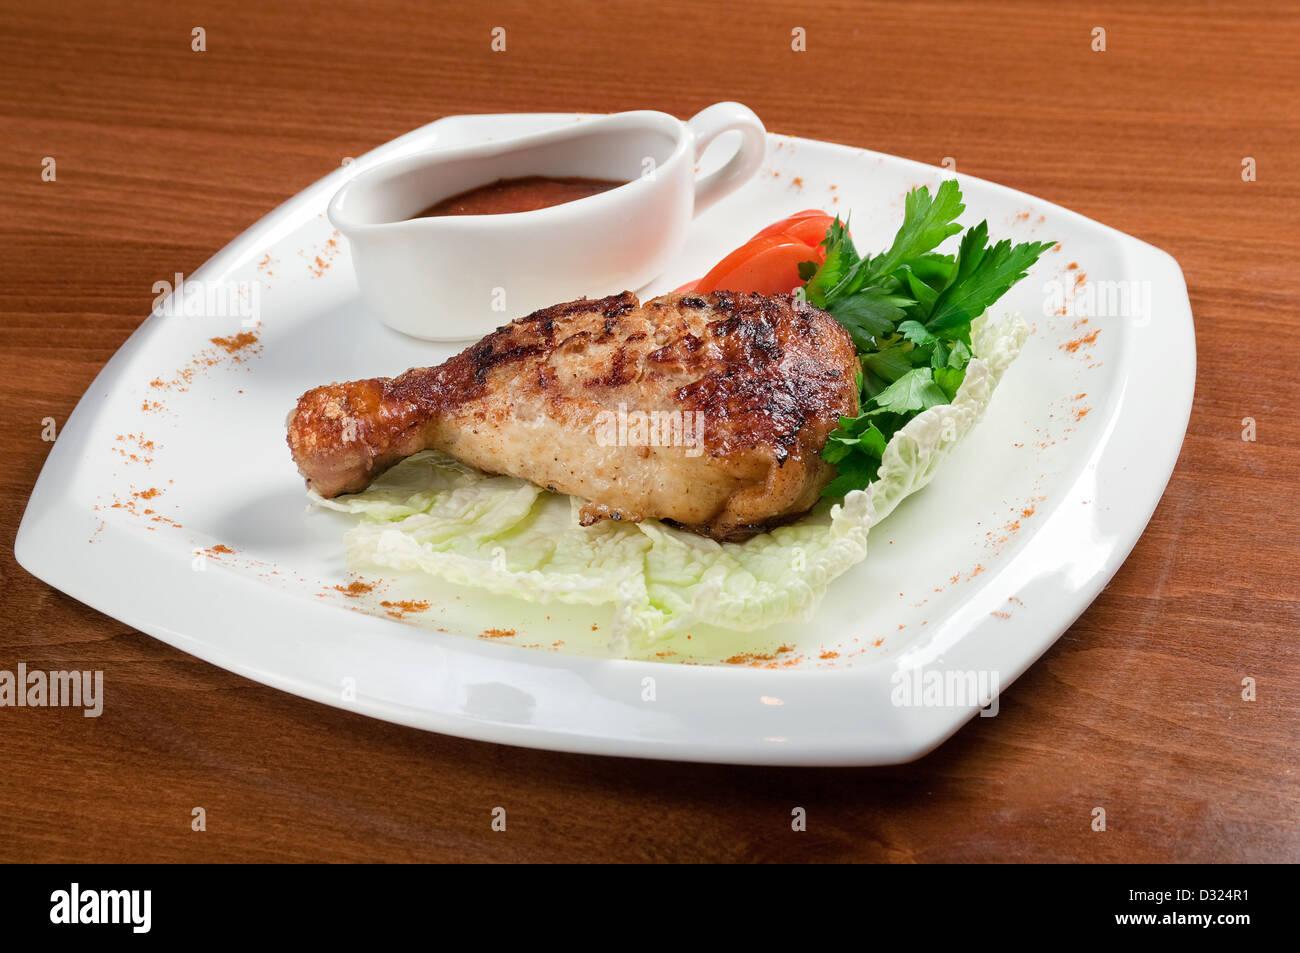 Italienische Küche. Gebratene Hähnchenschenkel mit Gemüse Stockbild